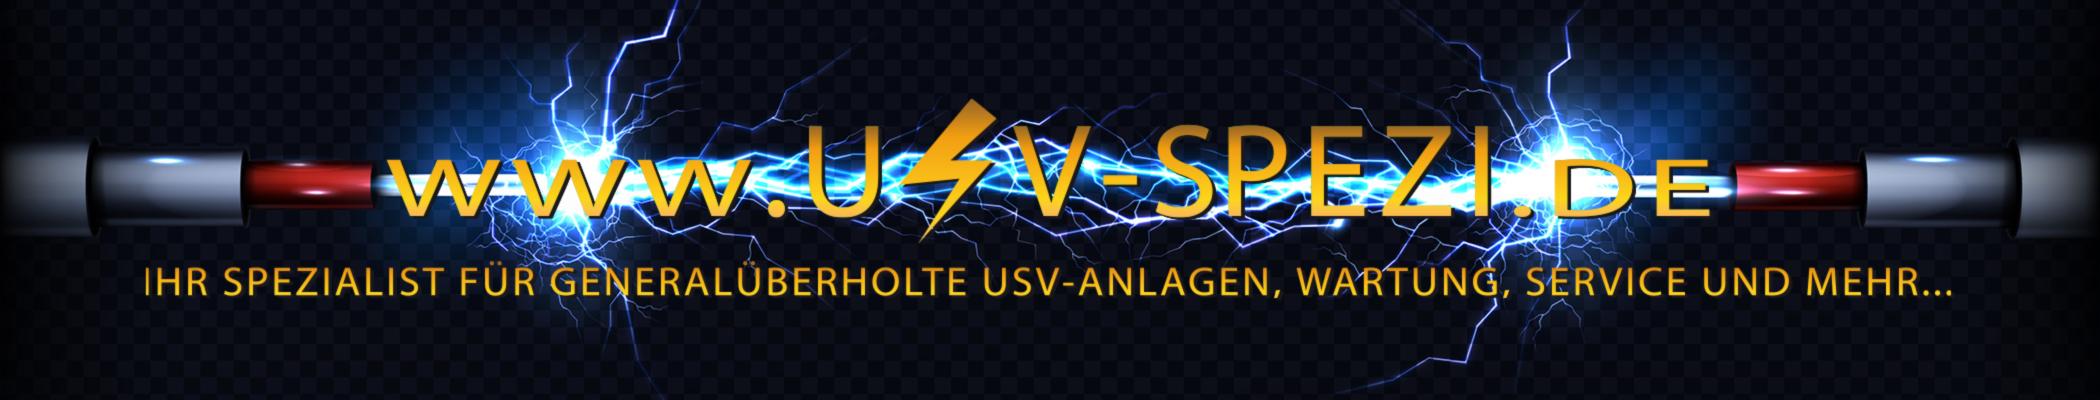 generalüberholte USV-Anlagen